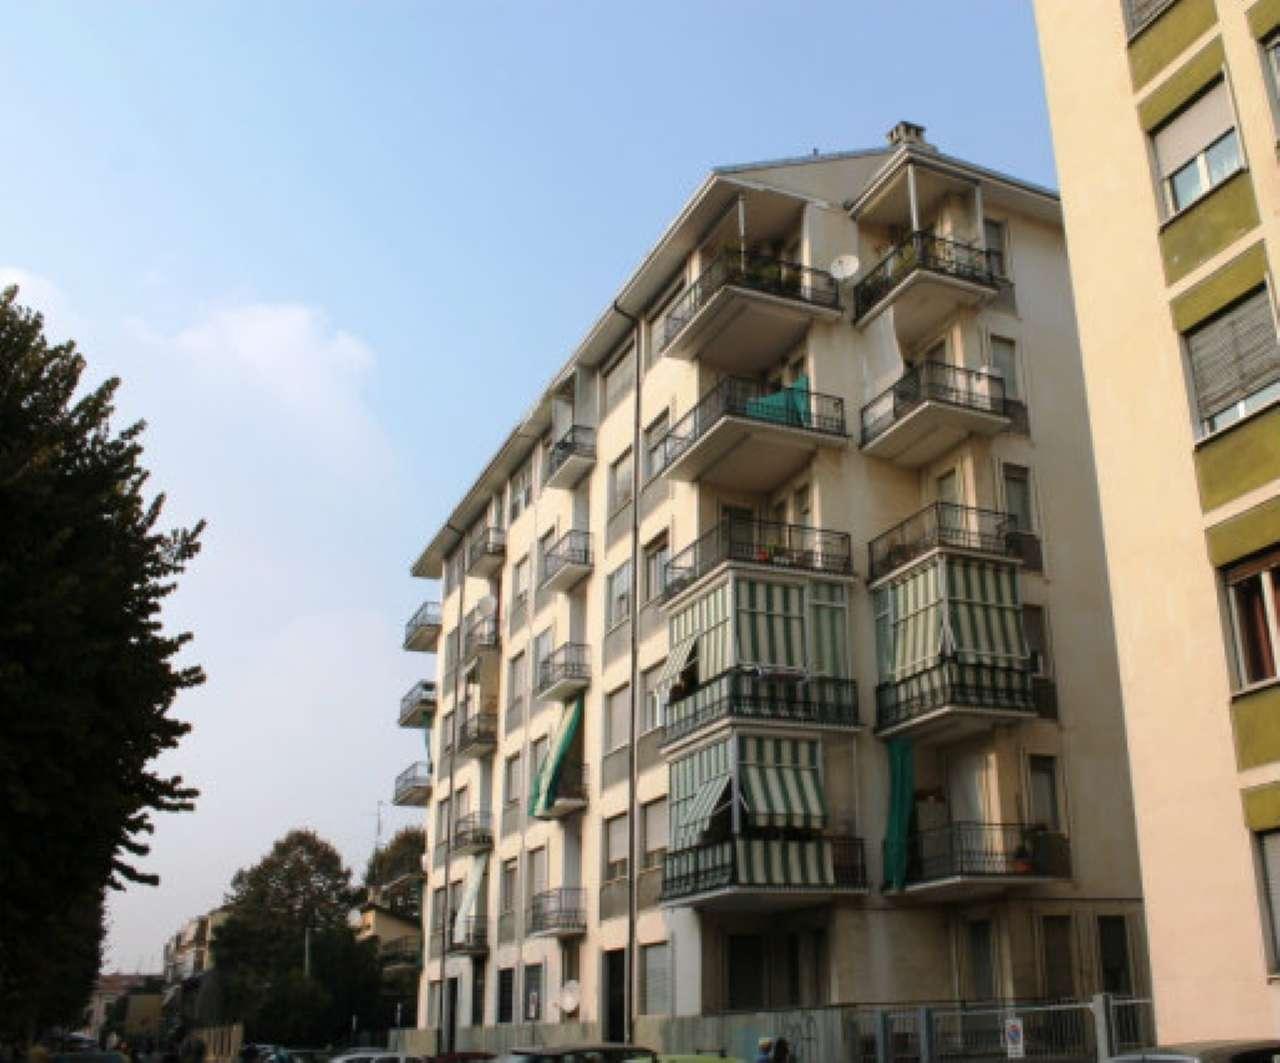 Appartamento in vendita a Nichelino, 2 locali, prezzo € 83.000   CambioCasa.it